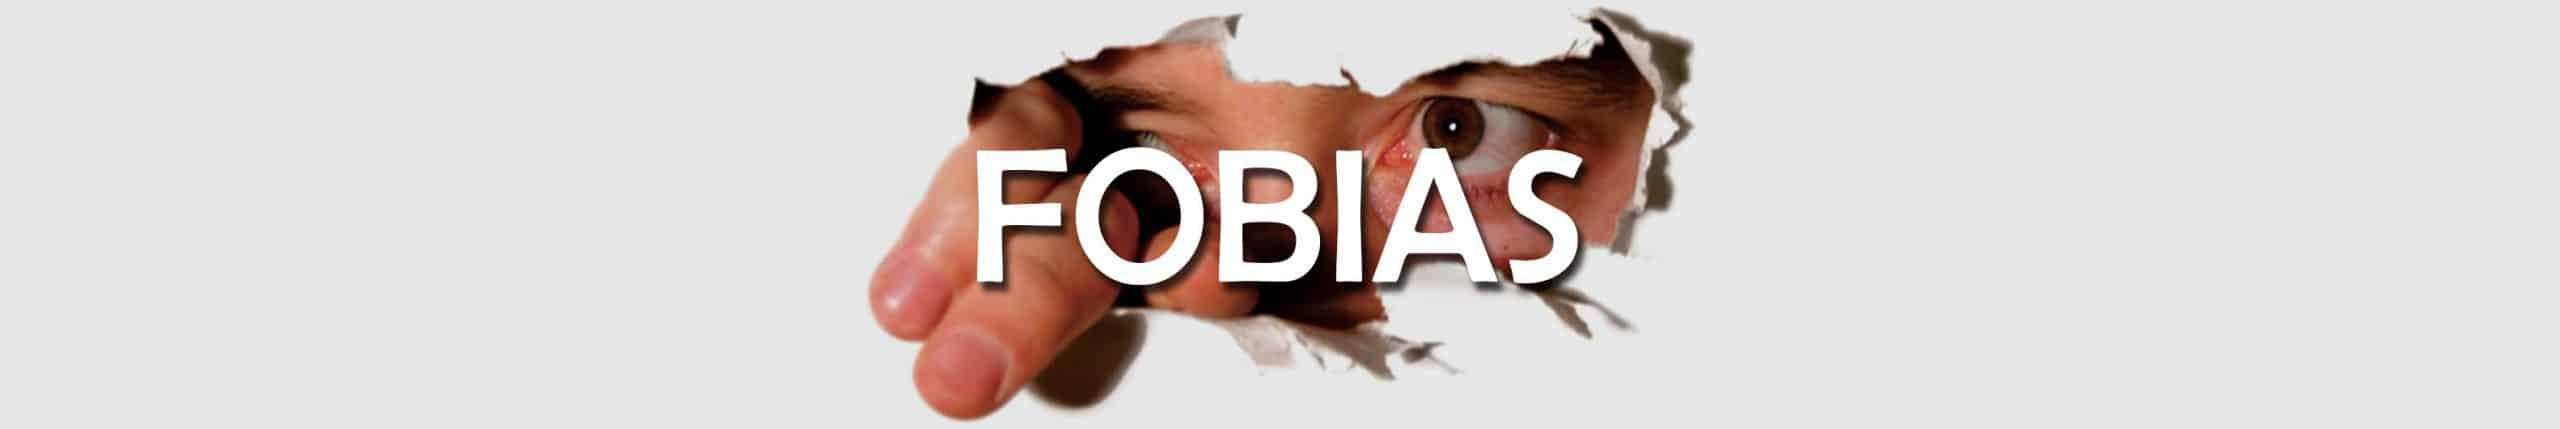 Fobias Tratamientos